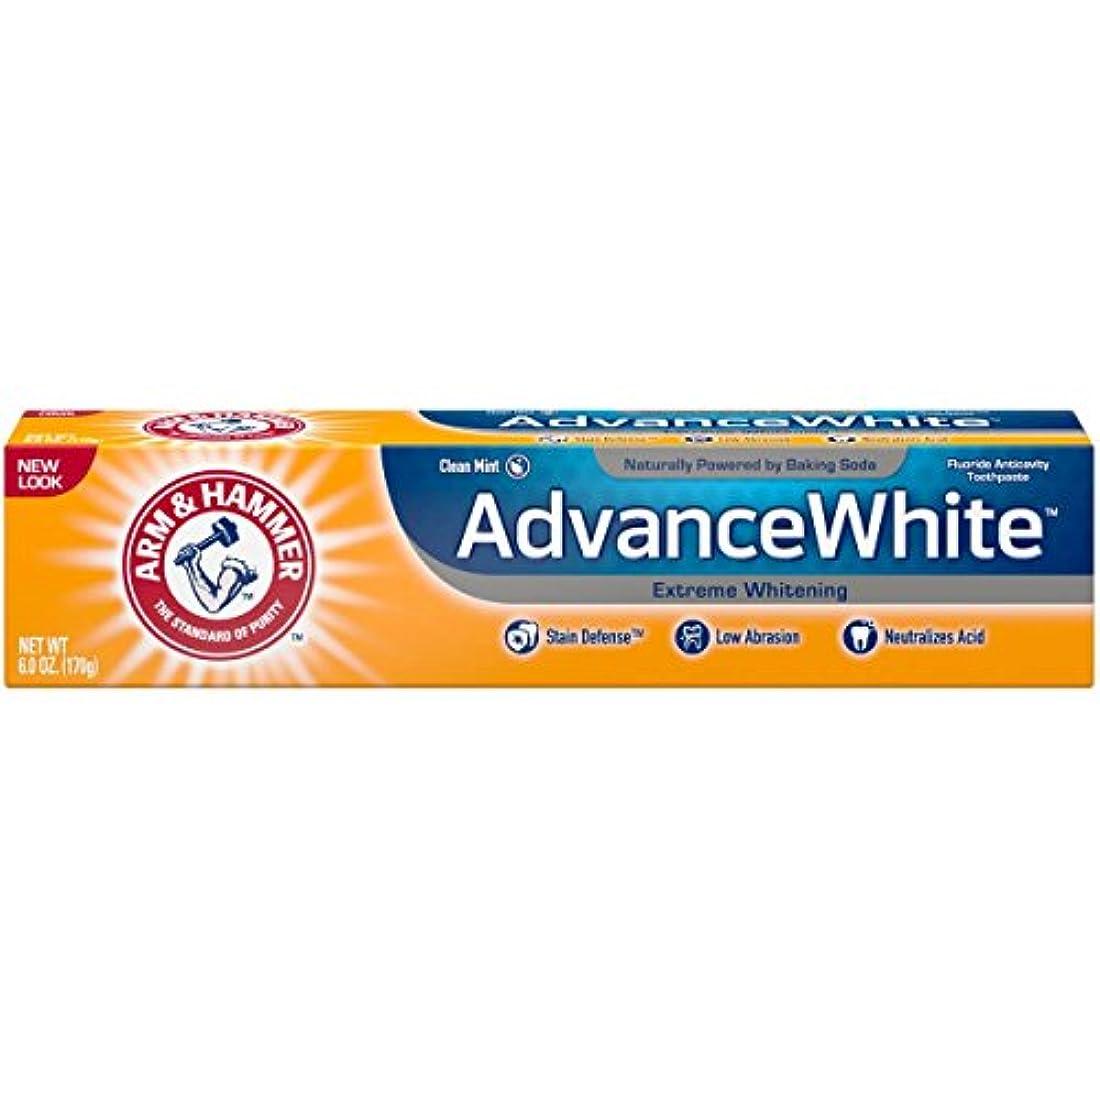 異なる指紋行くArm & Hammer アドバンスホワイトエクストリームホワイトニングで染色防衛の歯磨き粉、6オズ(3パック) 3パック